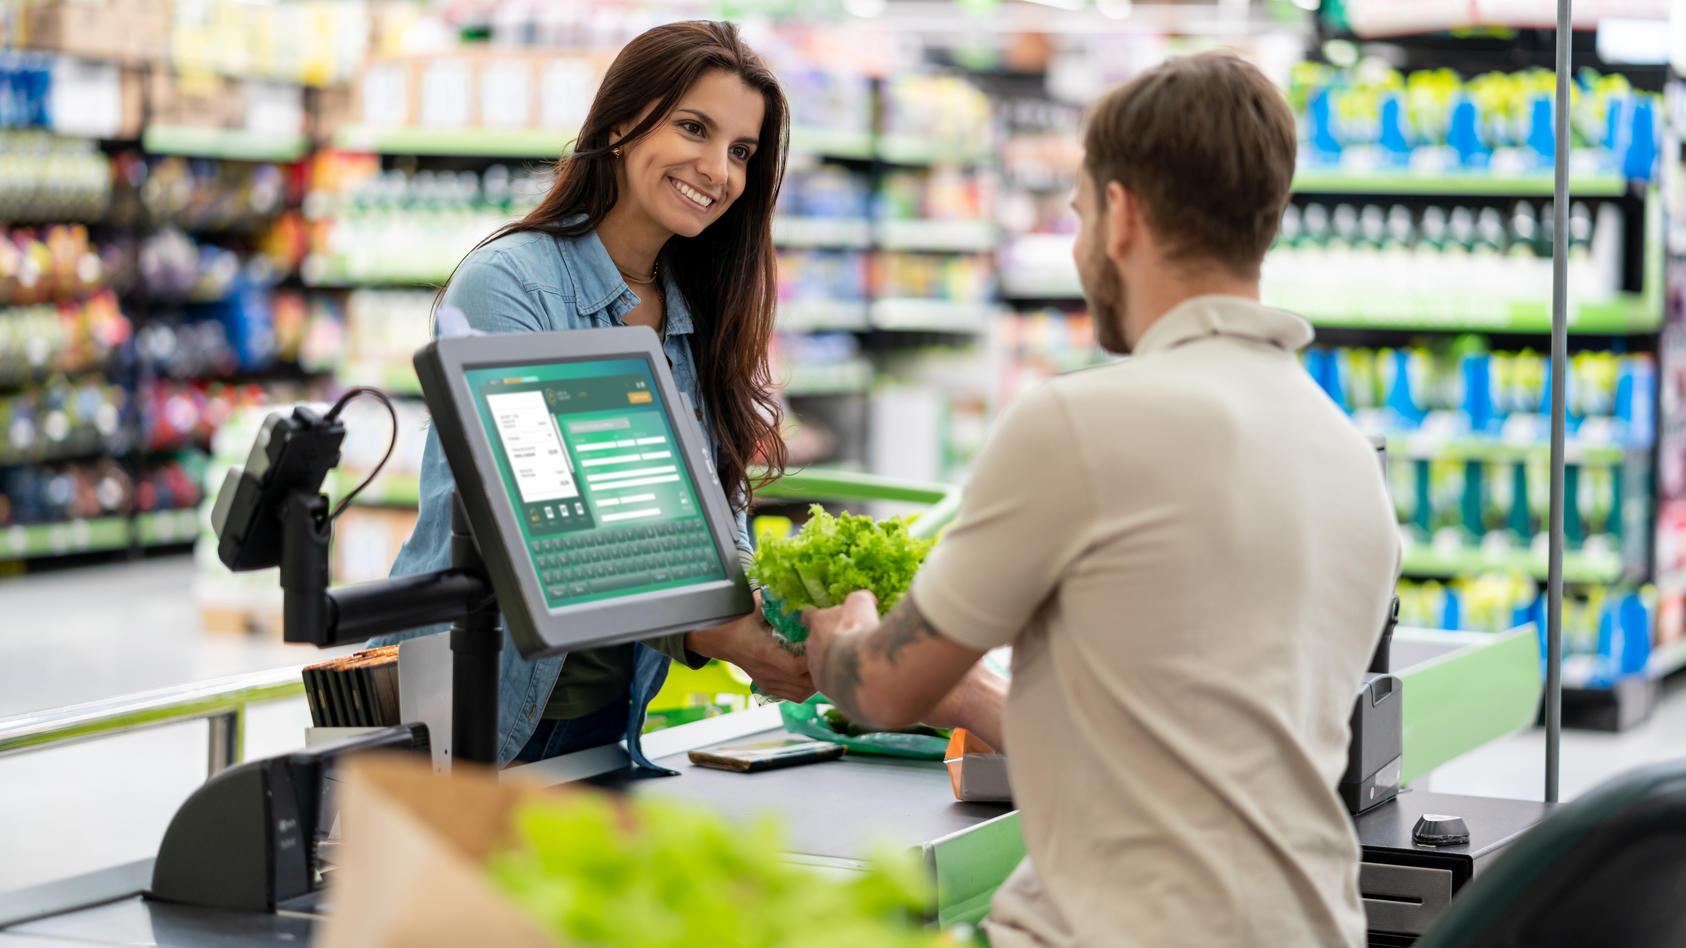 Reicht schon der kurze Kontakt an der Supermarktkasse, um als Kontaktperson zu gelten?